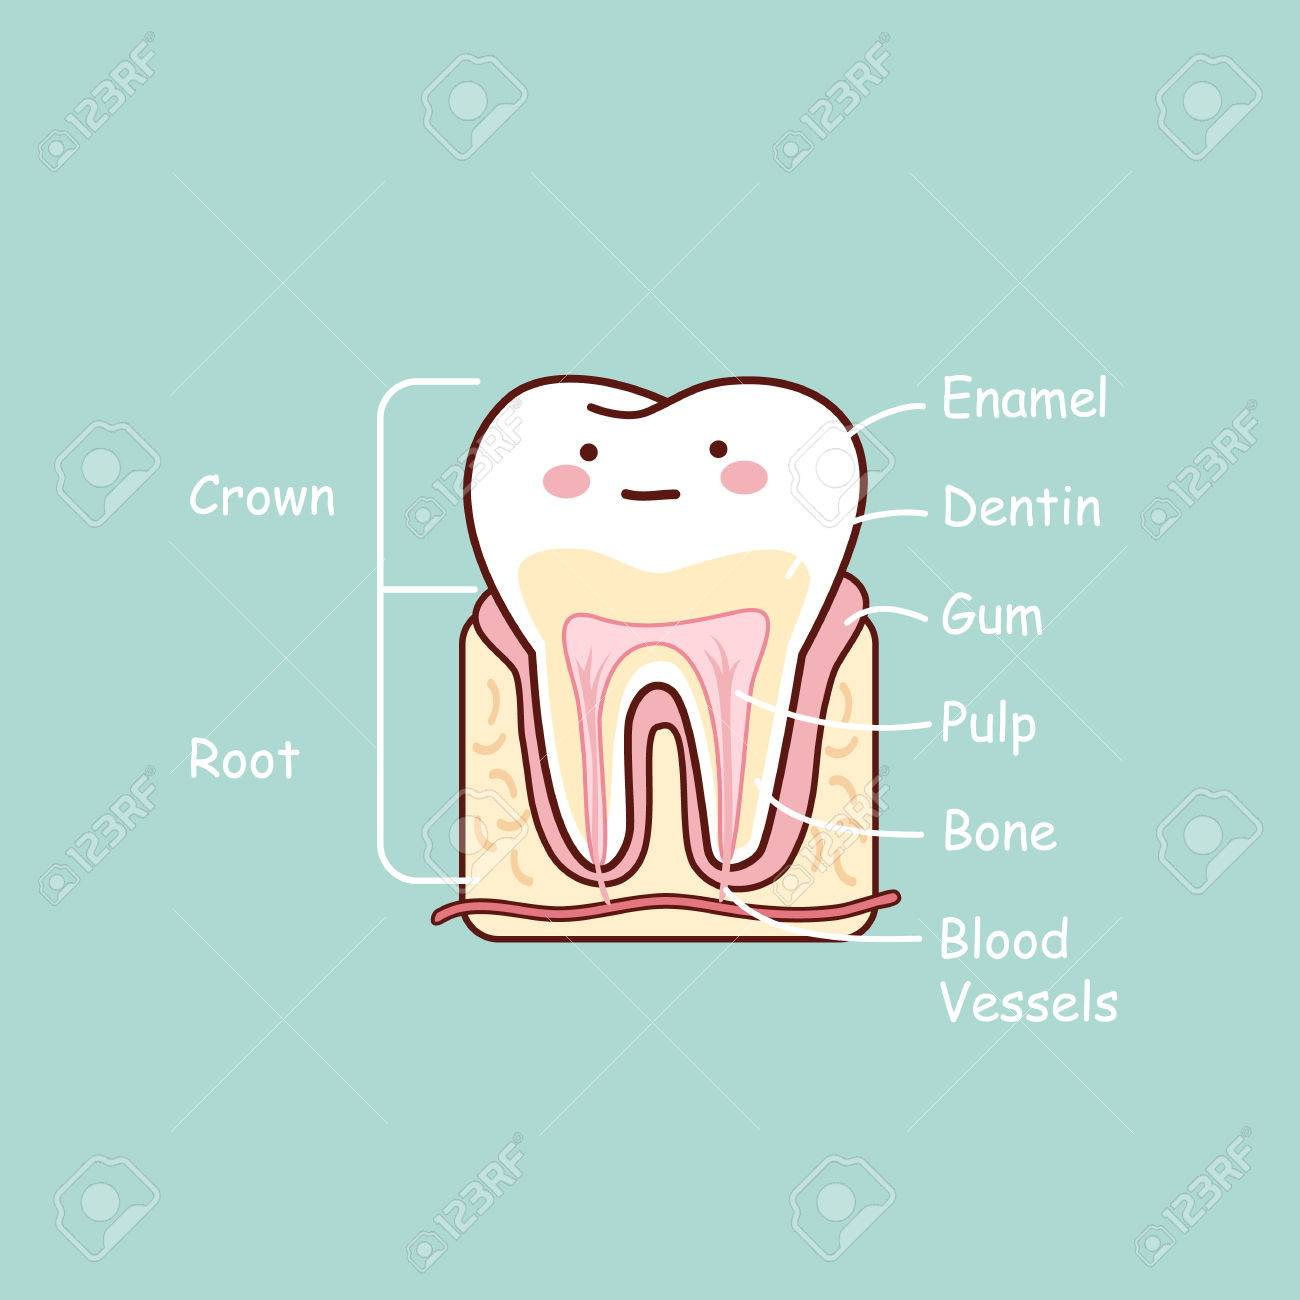 Historieta Gráfica Anatomía Del Diente, Ideal Para El Cuidado Dental ...